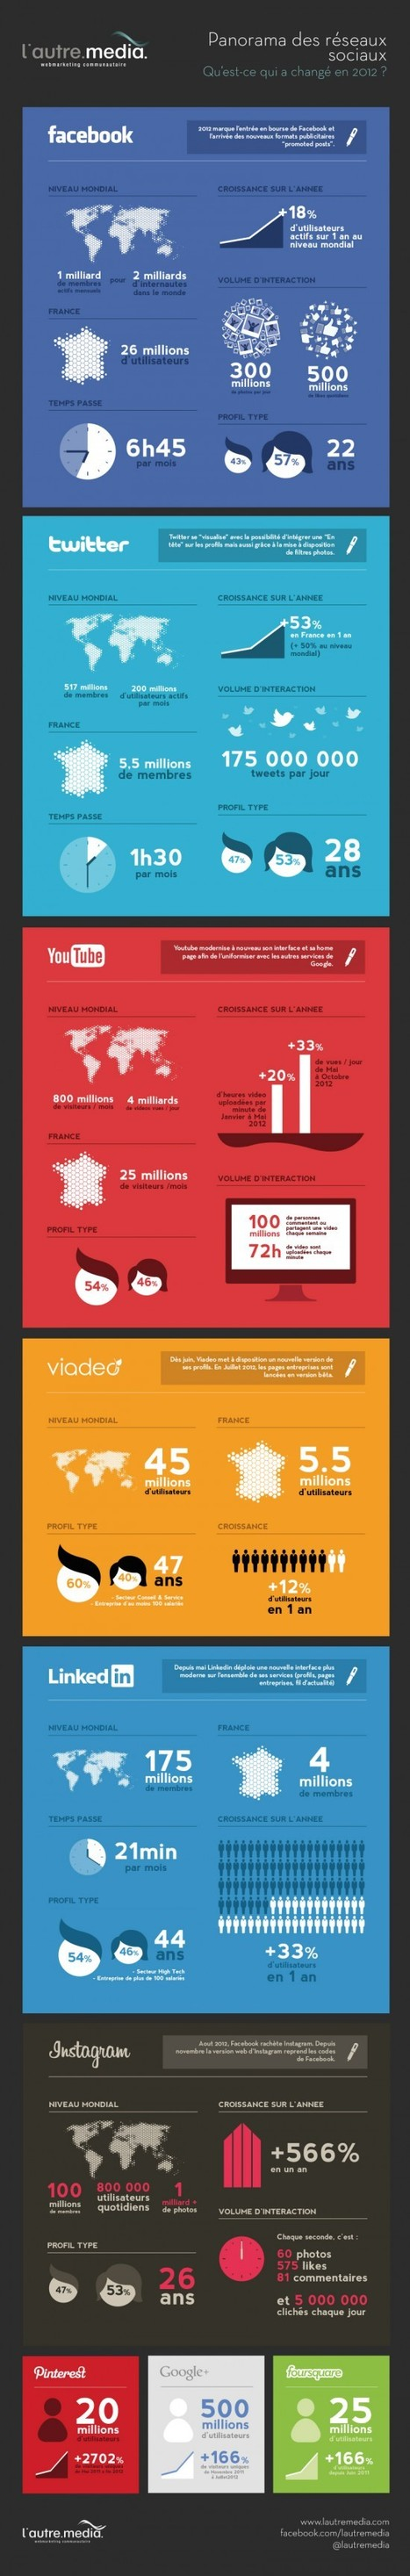 Les marques touchent-elles leur cible sur les réseaux sociaux ? | WebMarketing | Scoop.it